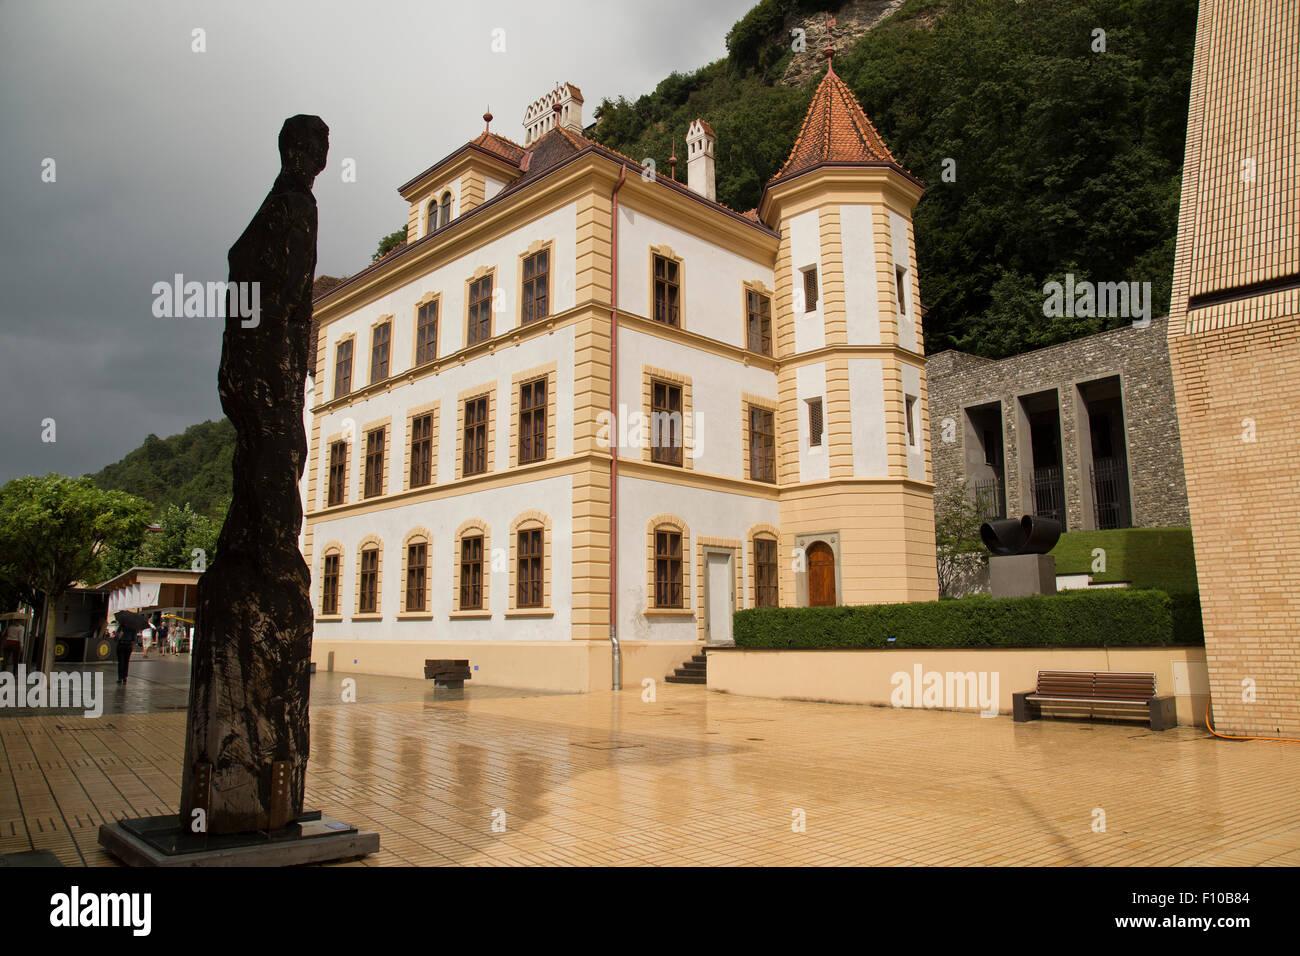 Government buildings in Vaduz Liechtenstein Stock Photo